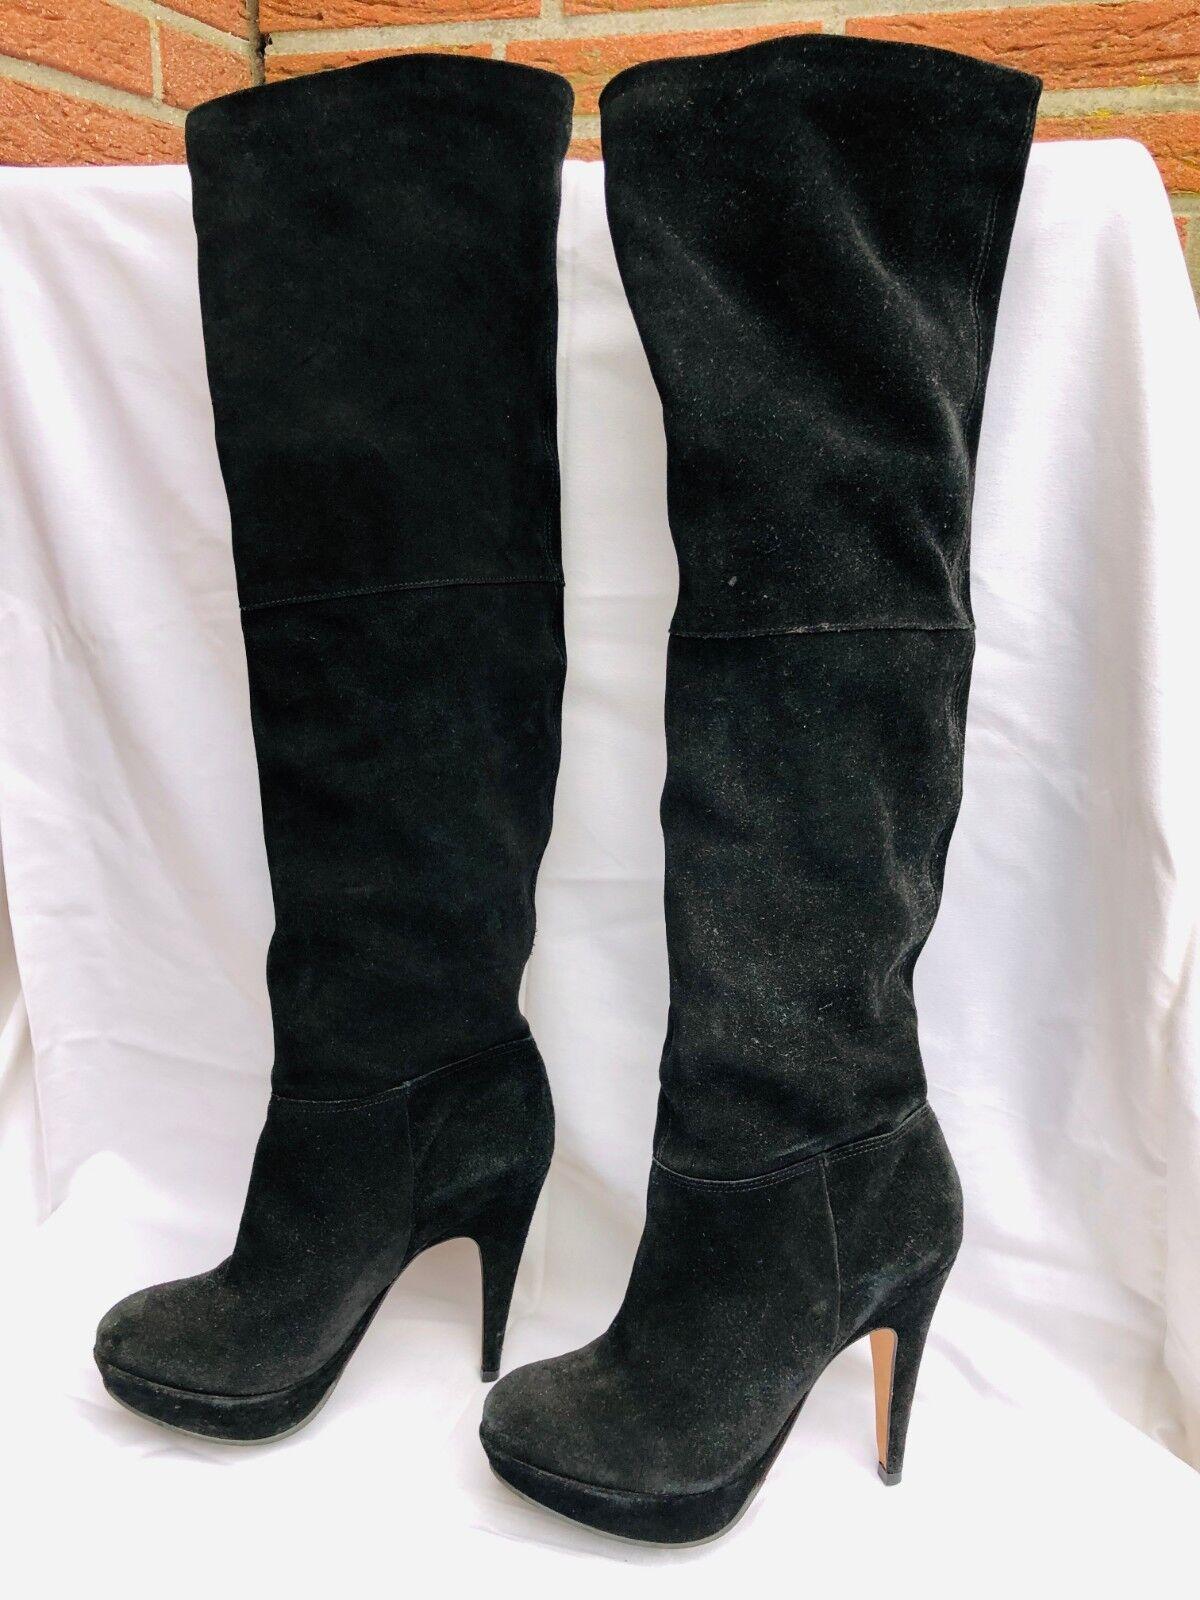 Buffalo Damen Overknees Stiefel Gr. 39   Wildleder schwarz schwarz schwarz   Plateau  Neues exklusives High-End